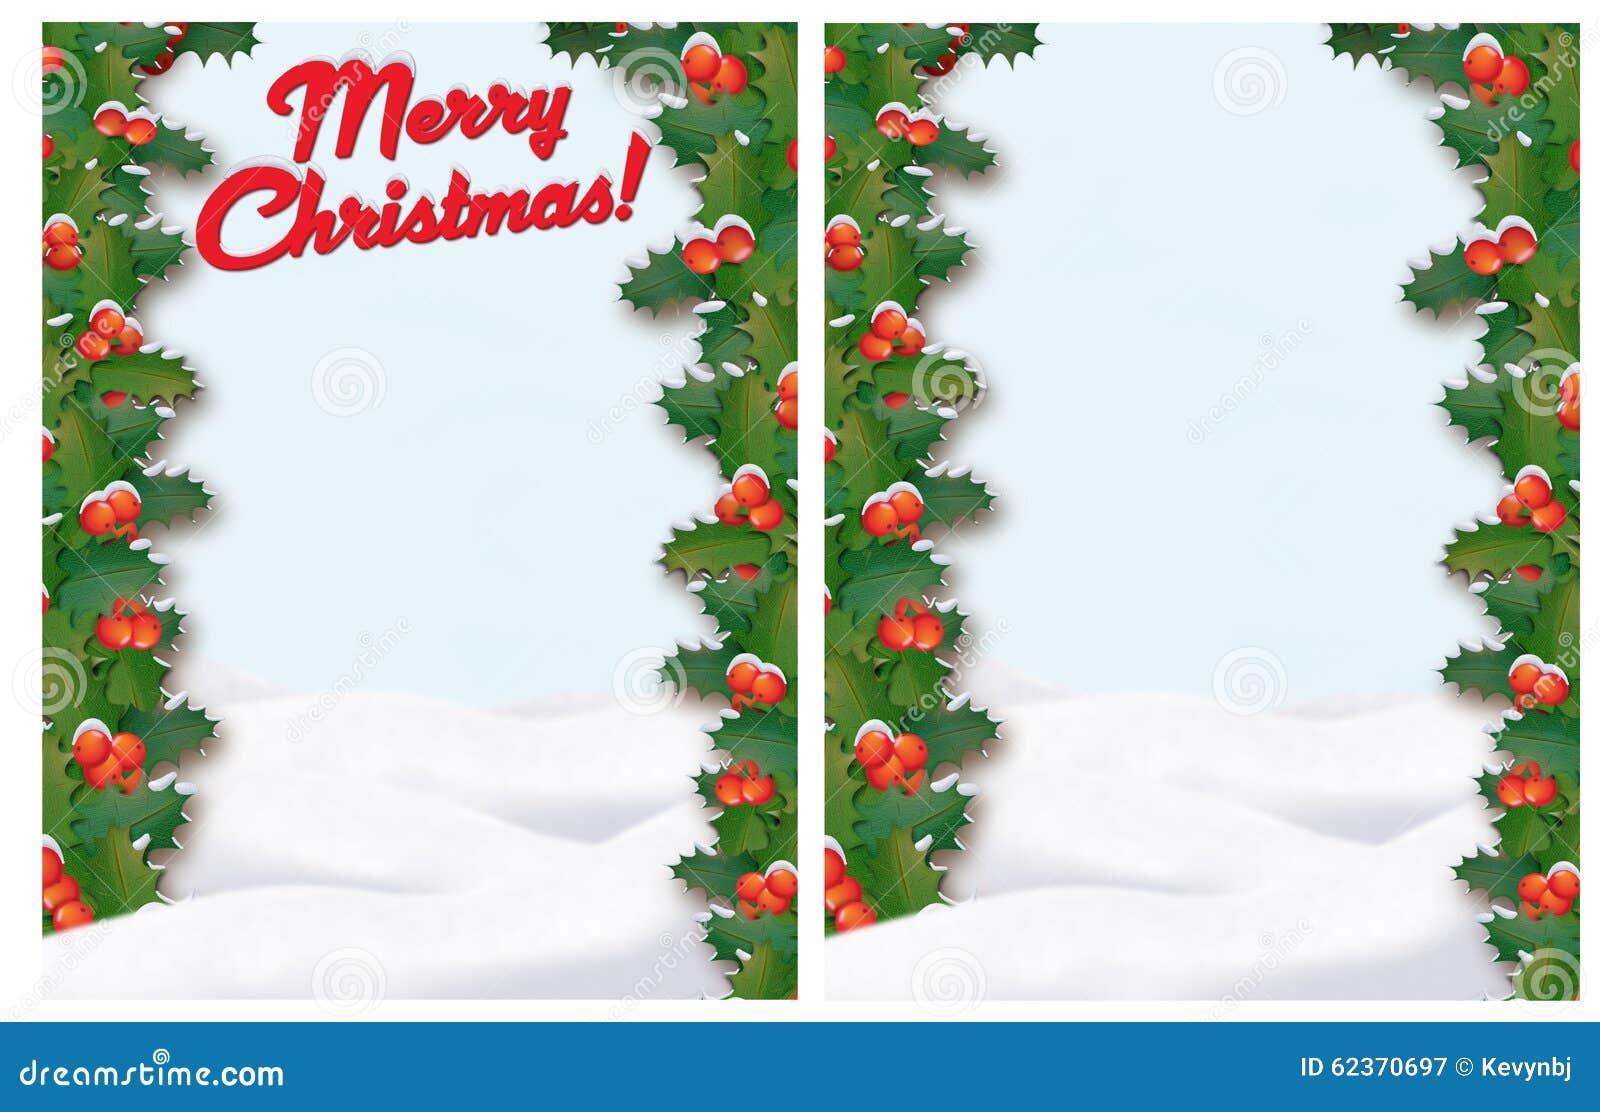 Christmas Letter Border.Christmas Border Stock Illustration Illustration Of Letter